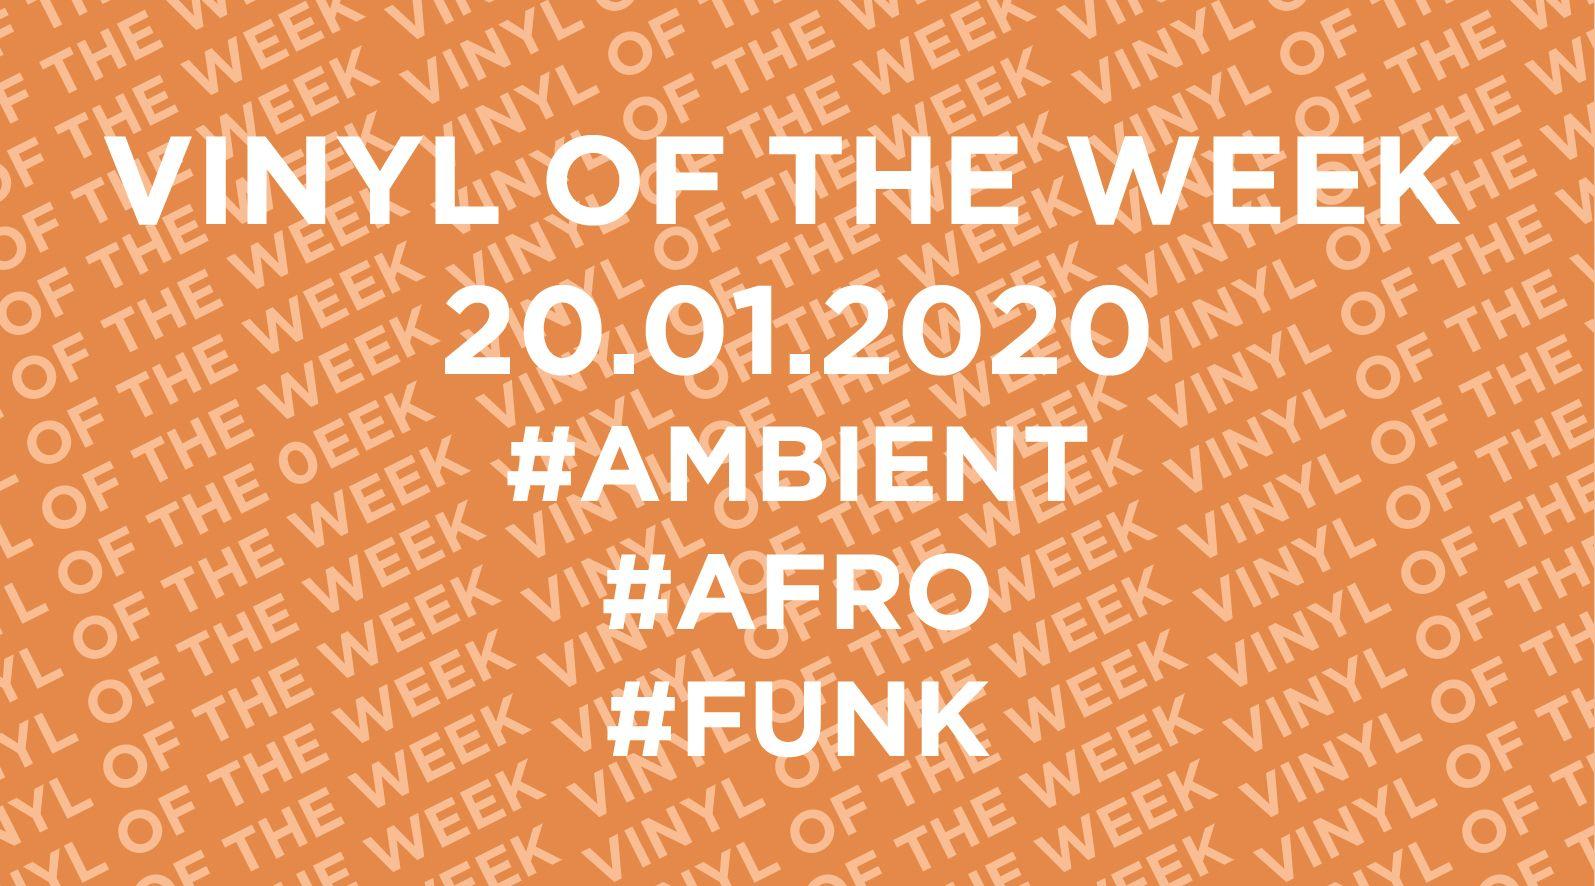 La sélection vinyle de la semaine 20.01.2020